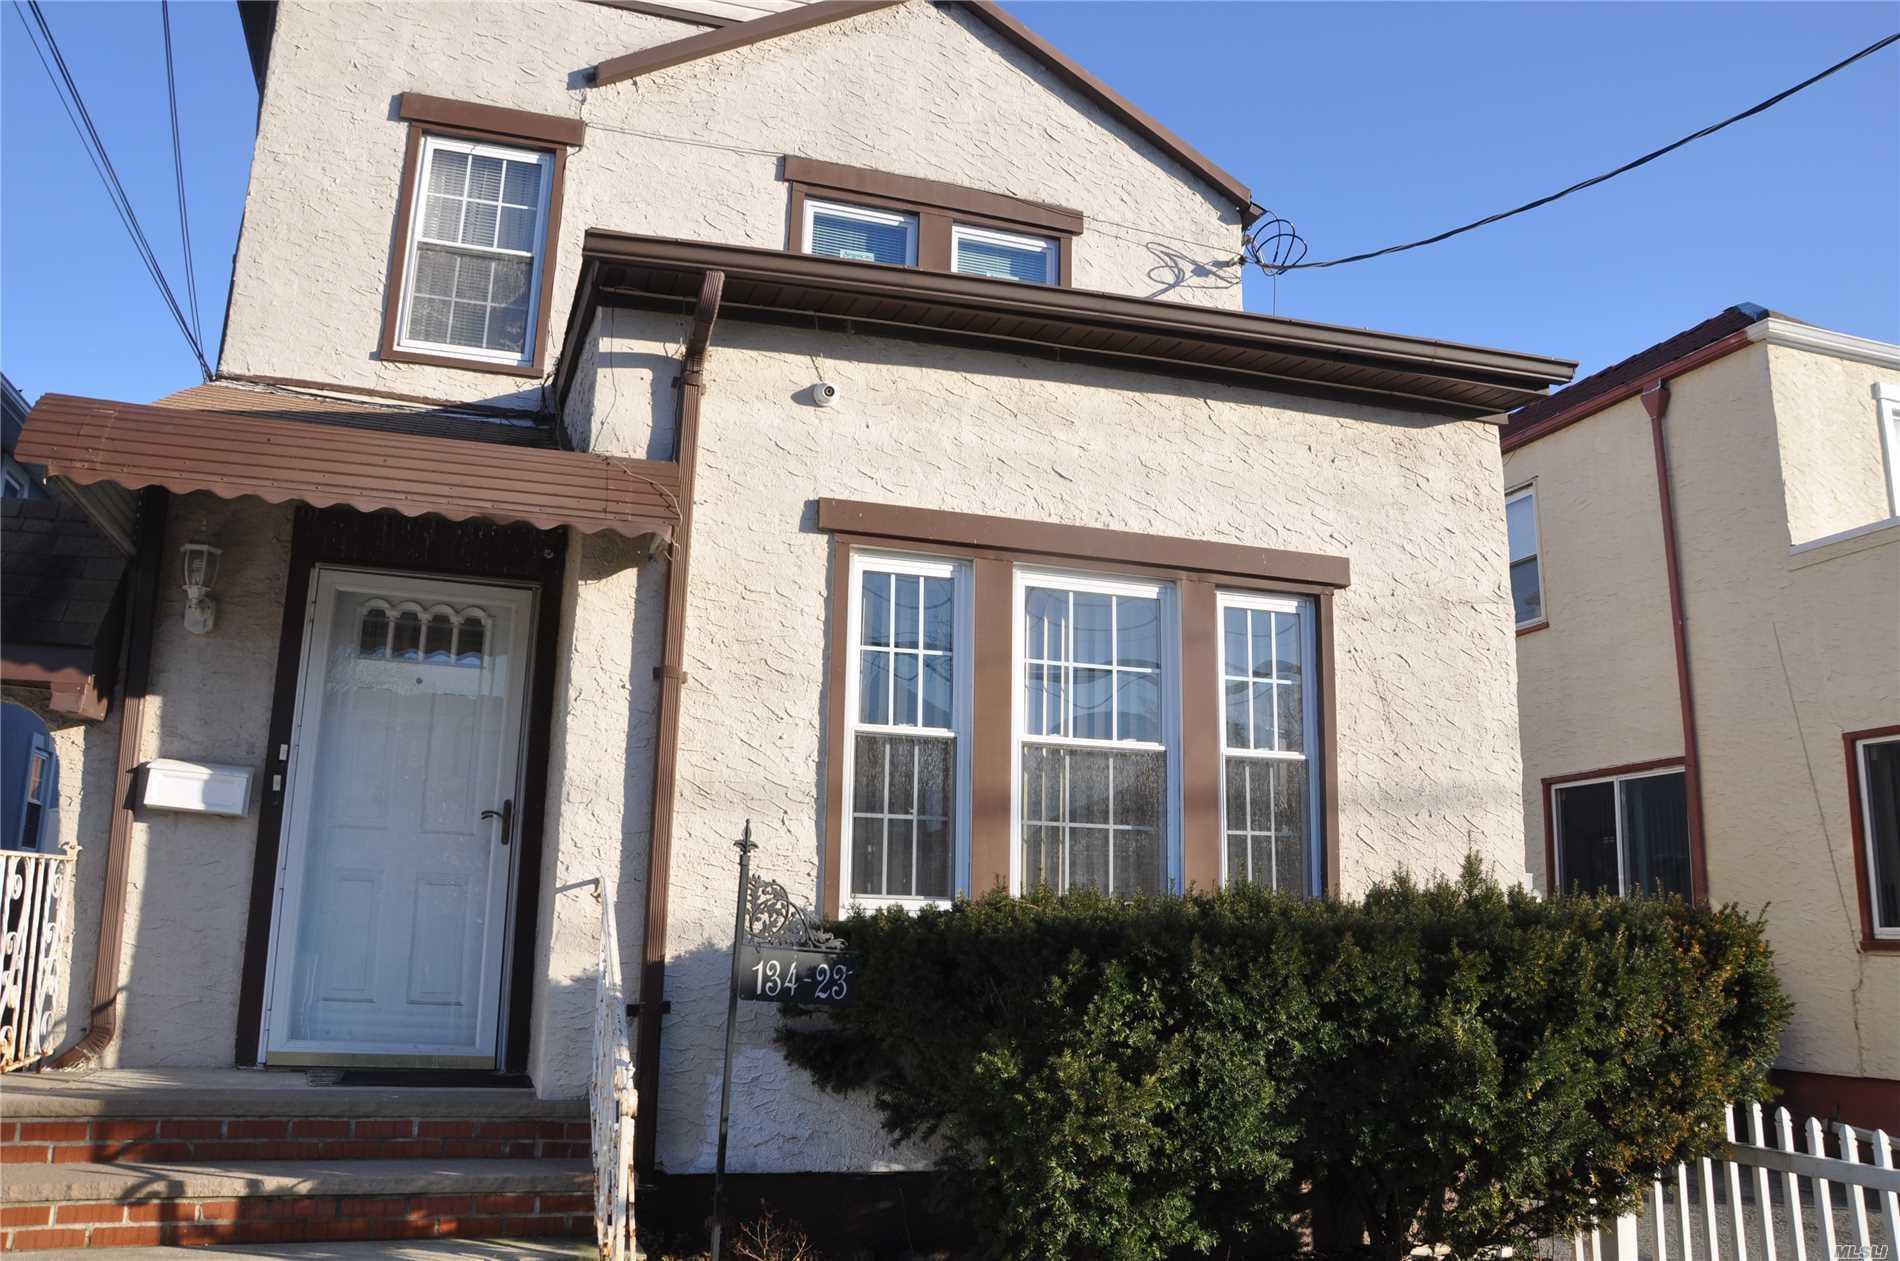 134-23 231st St Laurelton, NY 11413